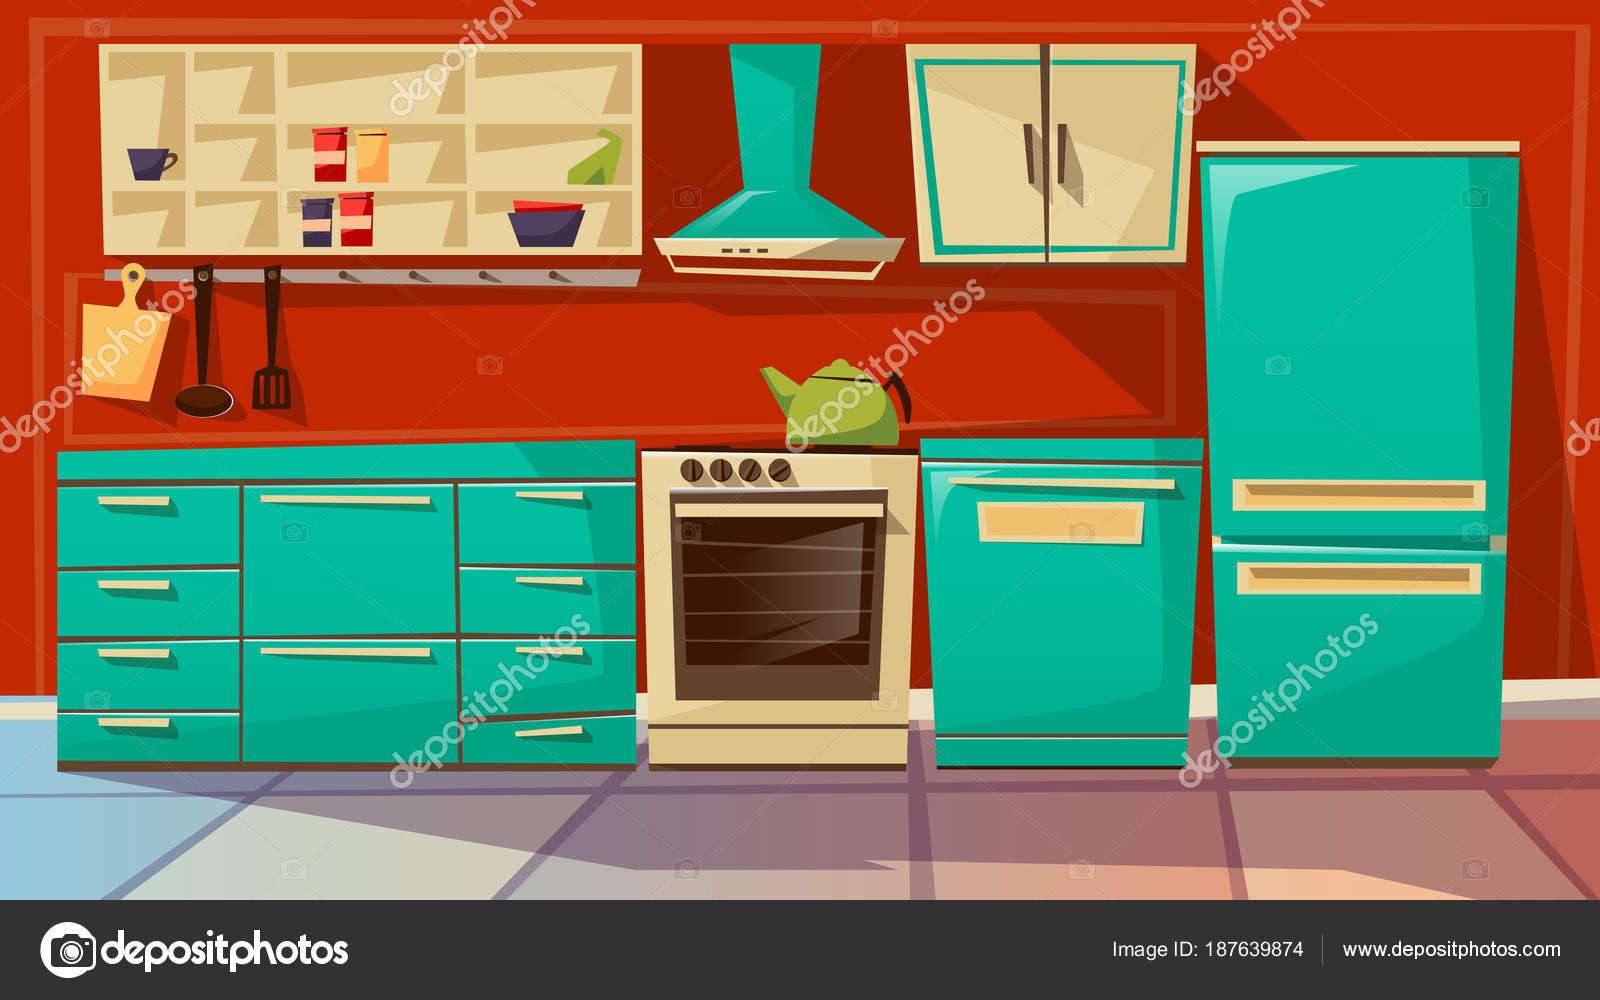 Dibujos muebles de cocina  Ilustracin de dibujos